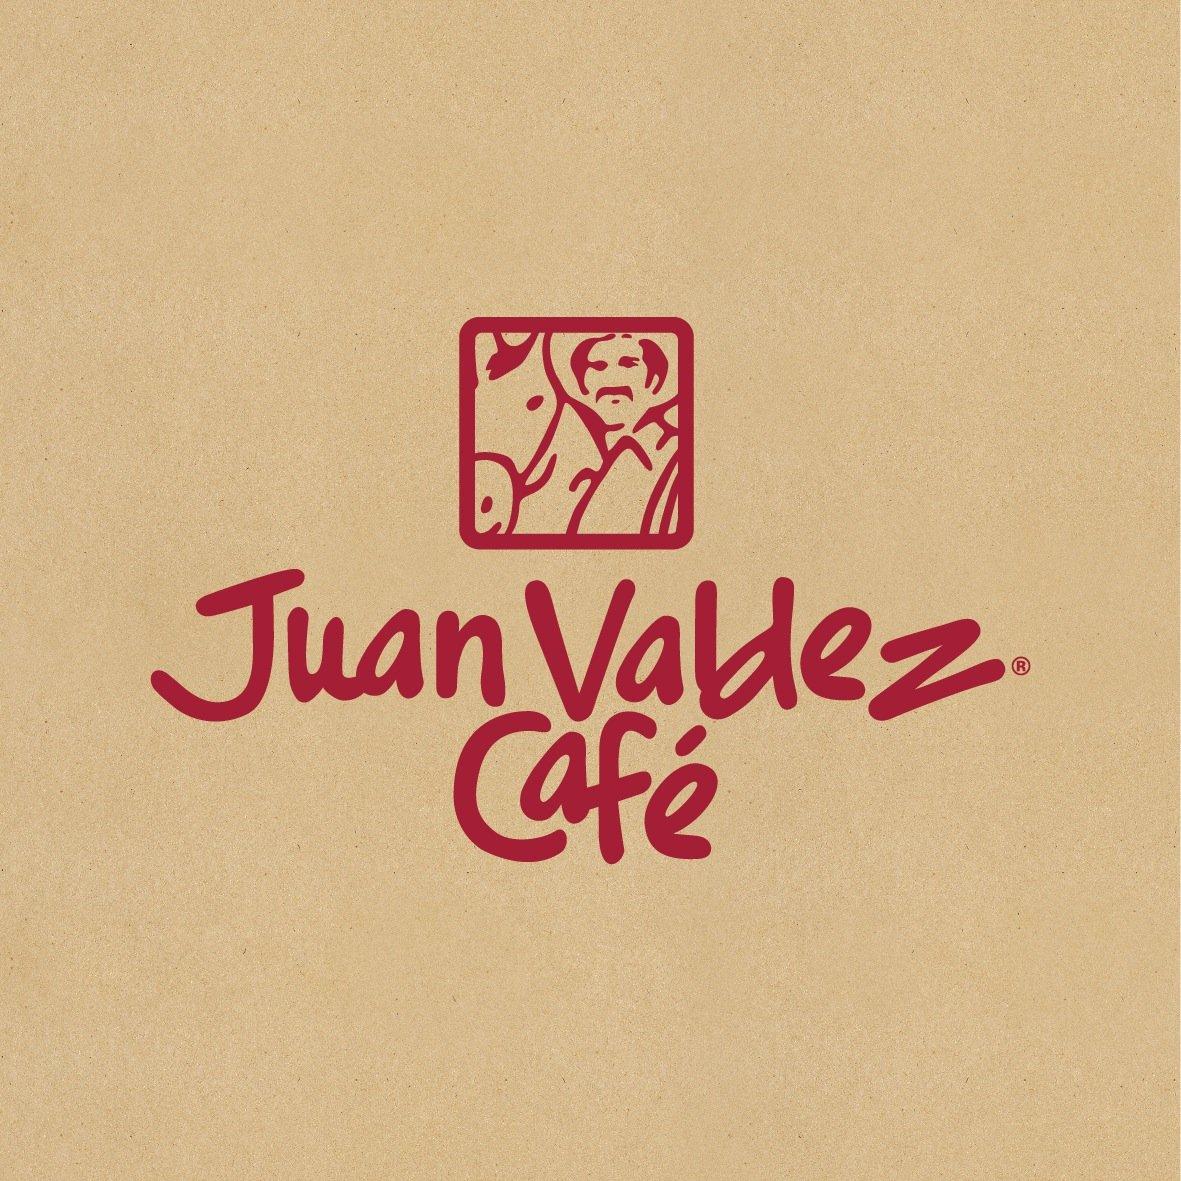 @JuanValdezUS